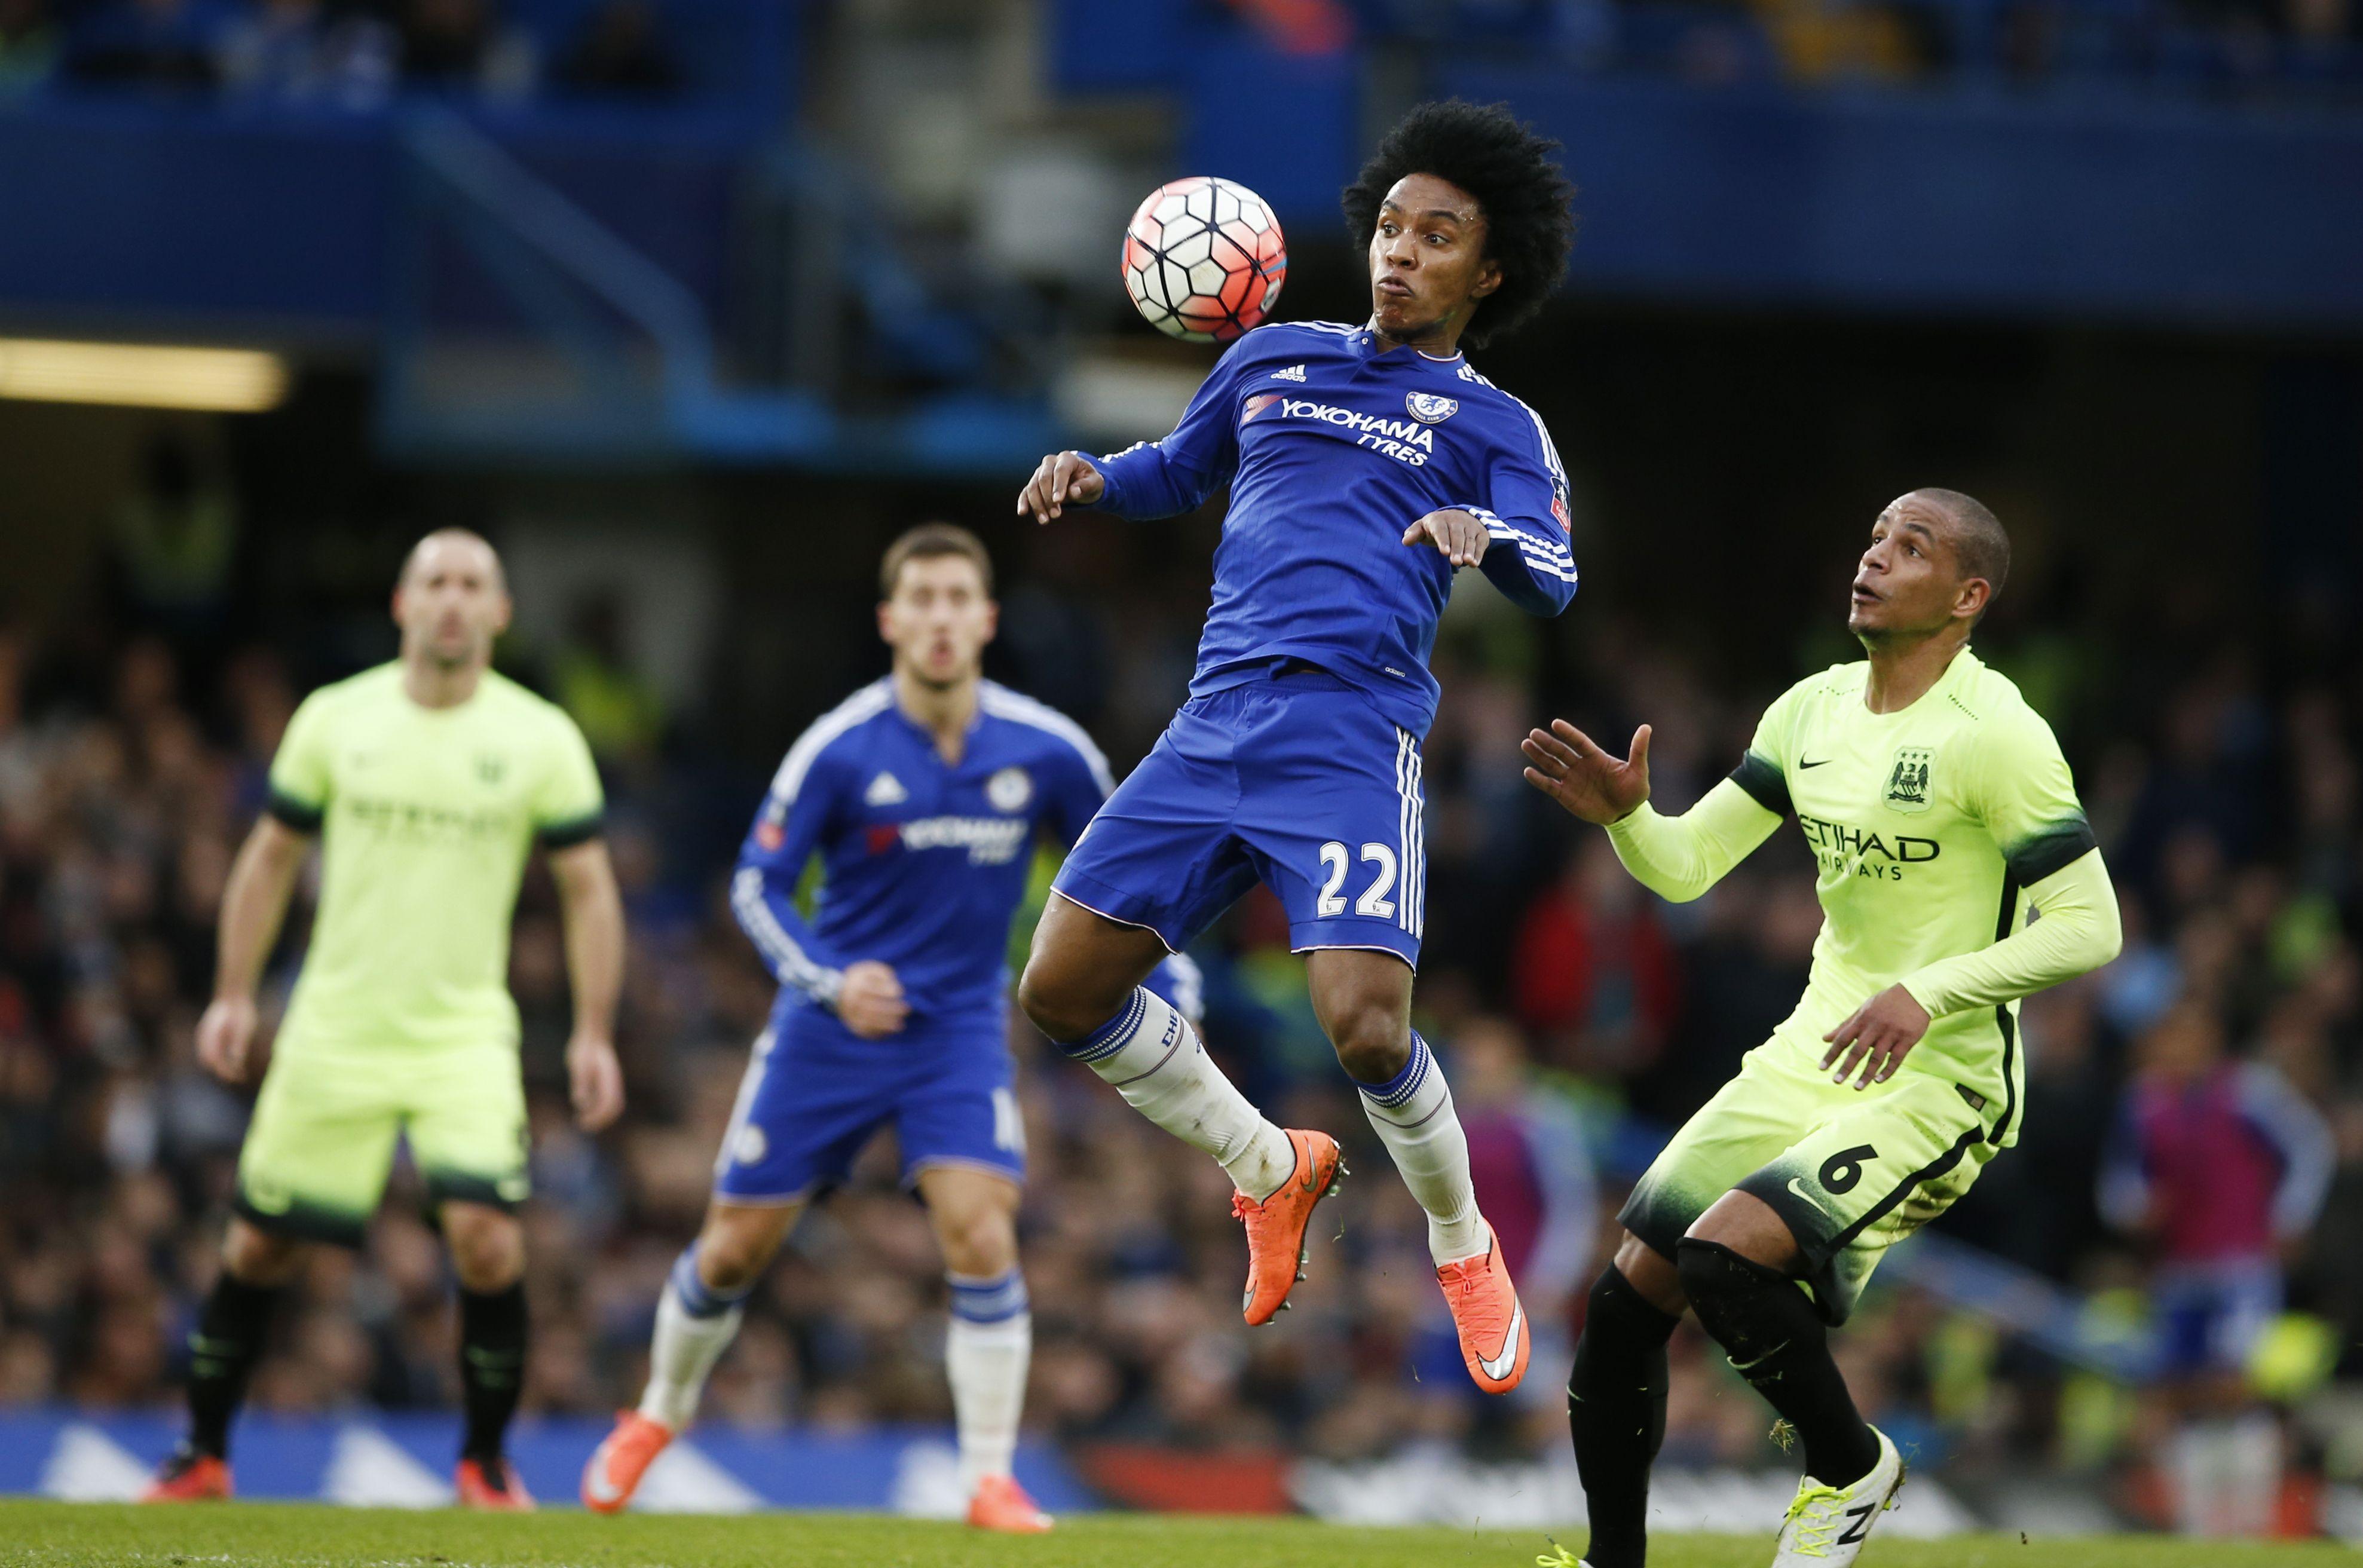 Chelsea oferece R$ 670 mil por semana para renovar com Willian #globoesporte